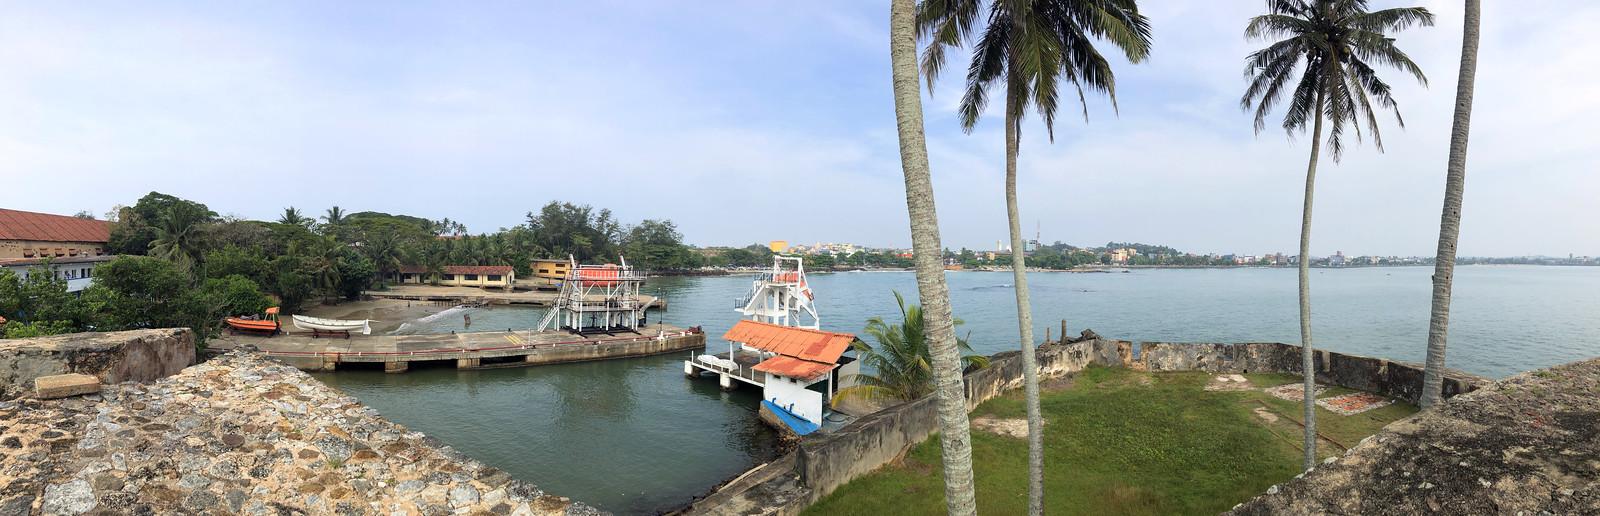 Visitar Galle en un día, Sri Lanka galle en un día - 46285163734 530be32028 h - Galle en un día, Sri Lanka